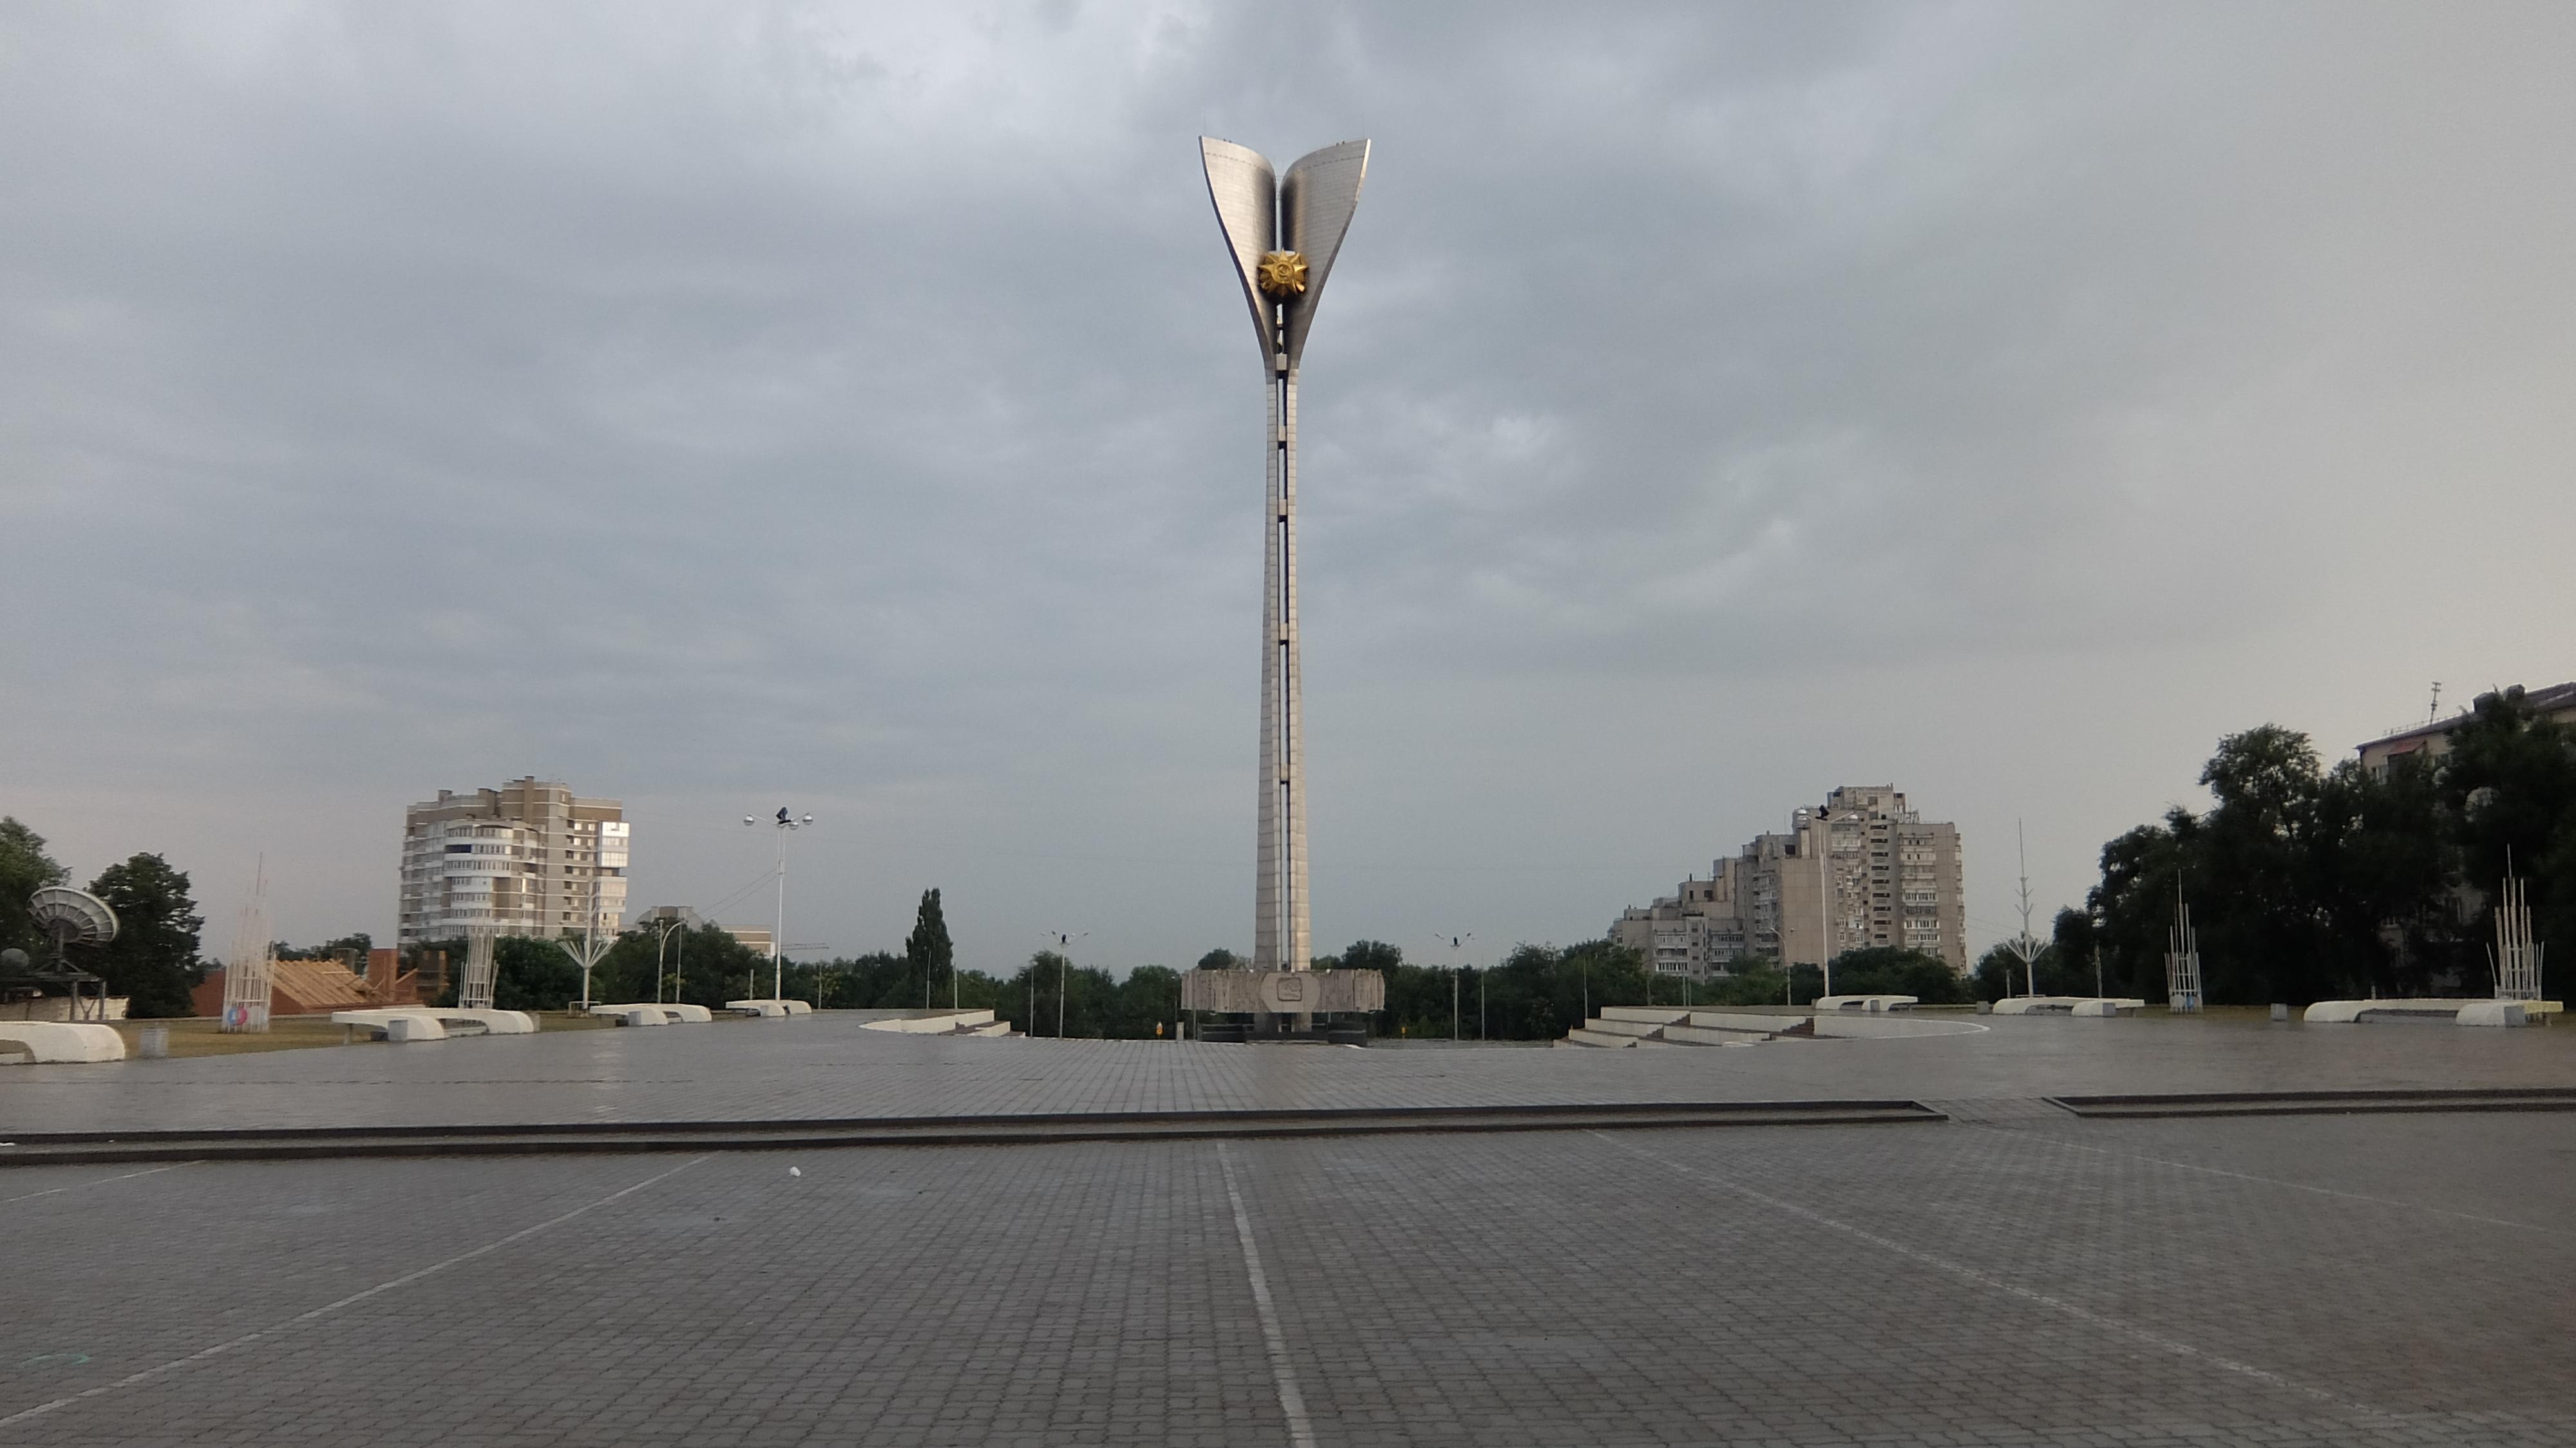 Памятник стелла в ростове на дону изготовление памятников нижний новгород Академическая